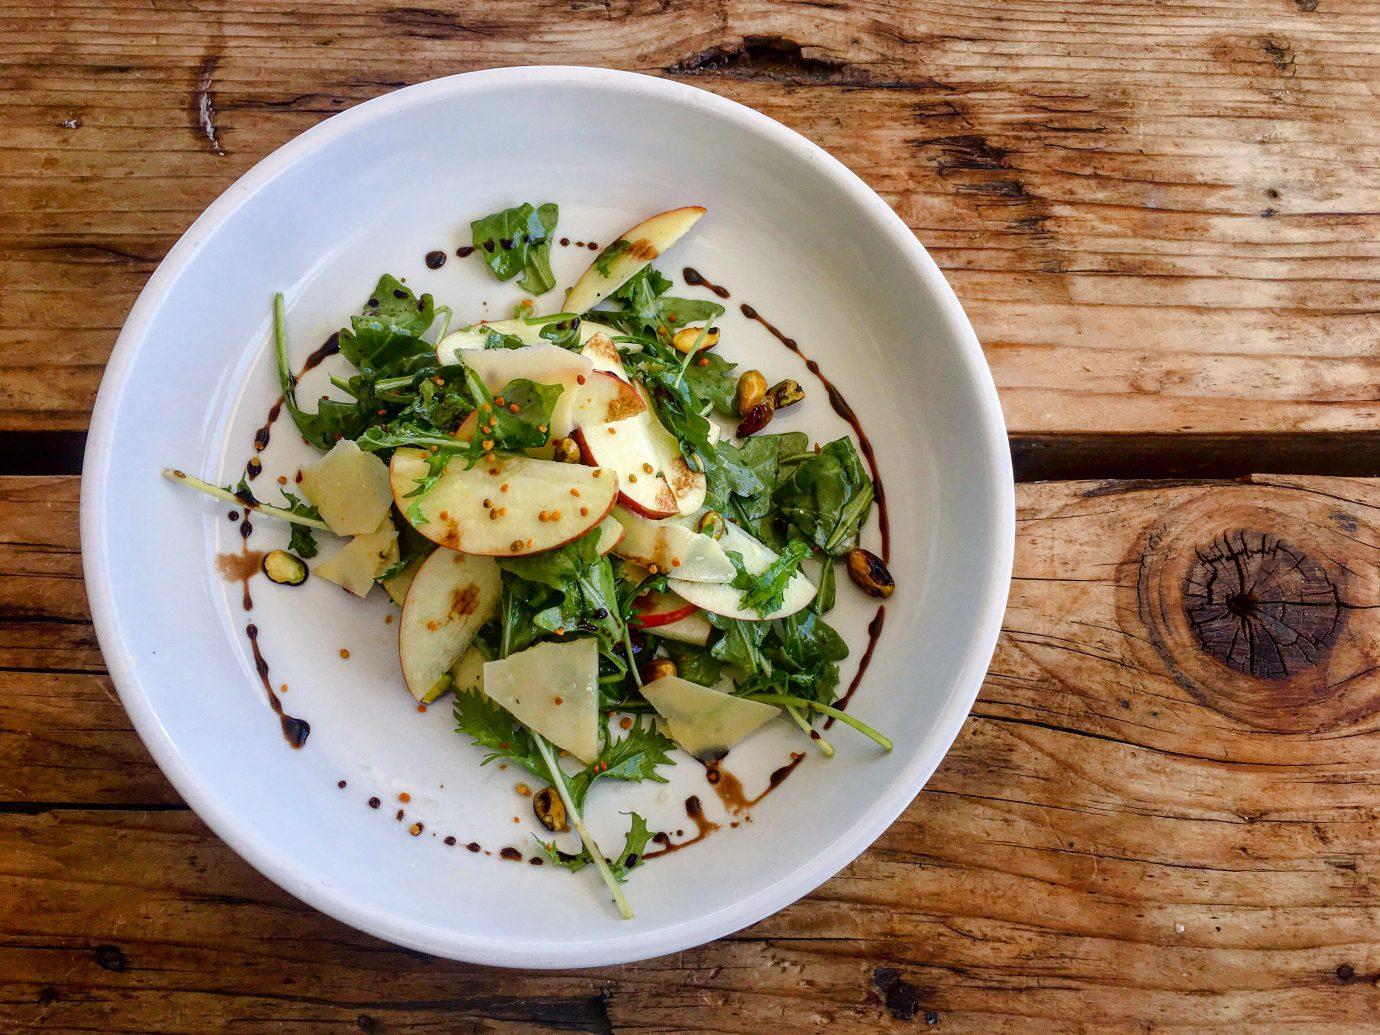 Girls Getaways Trip Ideas Weekend Getaways plate food table dish salad vegetable vegetarian food wooden leaf vegetable side dish spinach salad recipe cuisine meal tomato wood meat